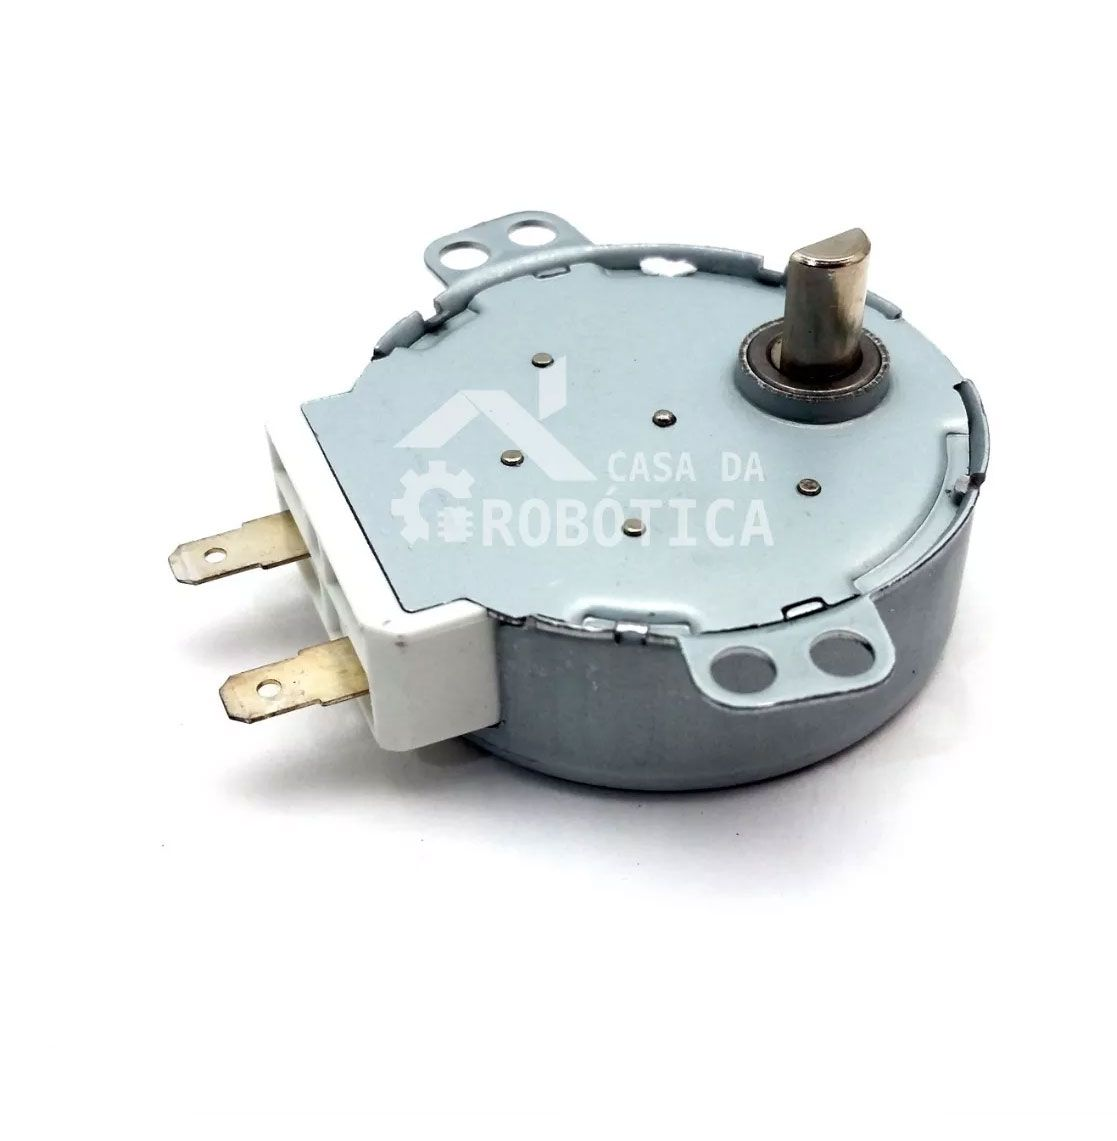 Motor de Microondas / Chocadeira 3 Rpm - 110v - Uso Geral